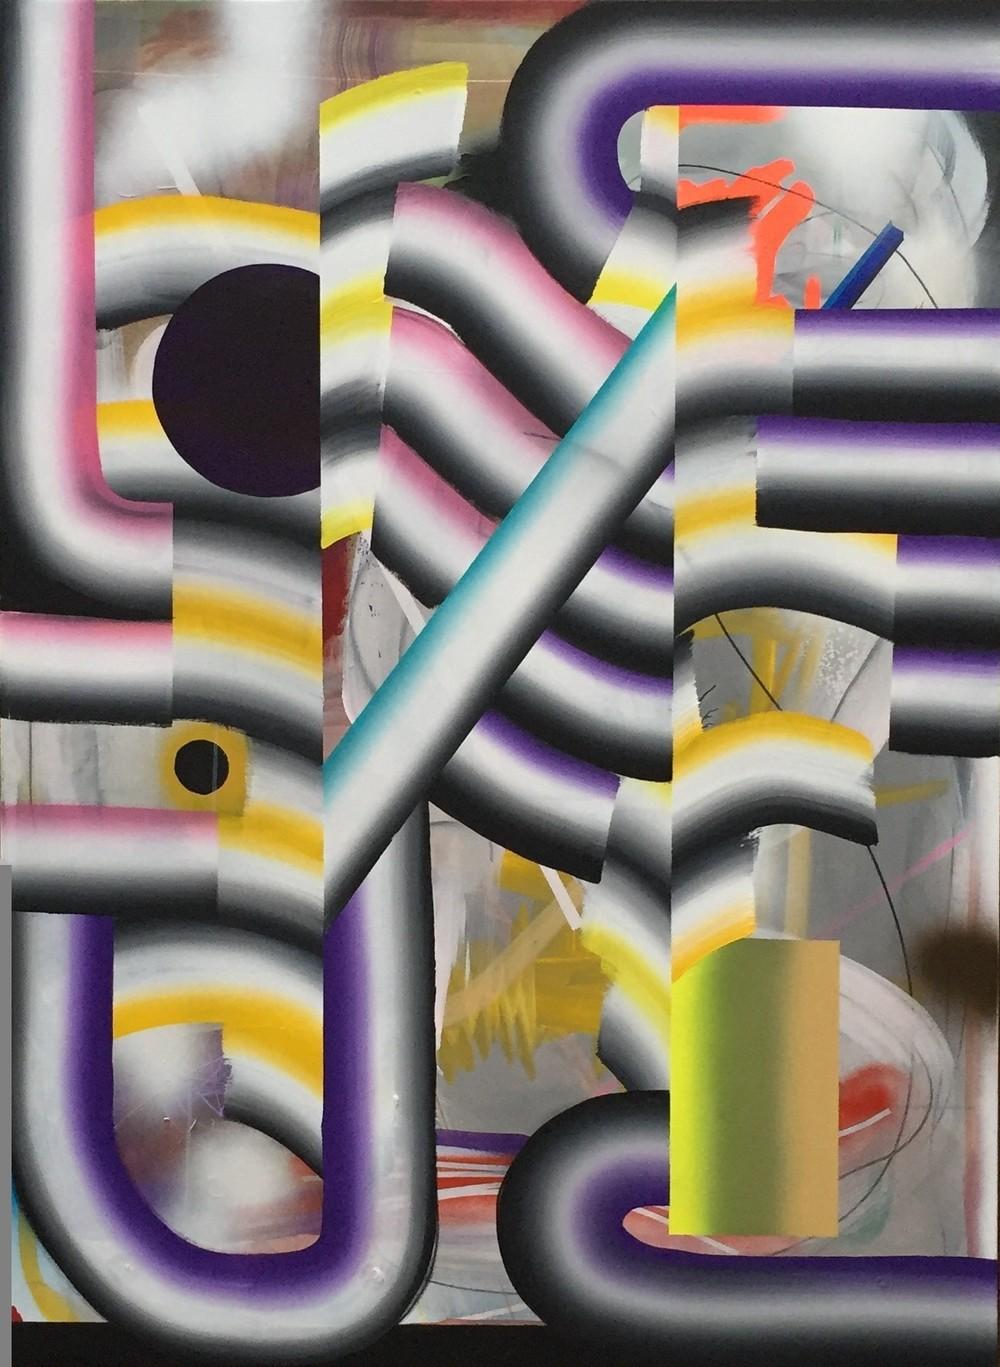 Kosmisk veiskille Akryl, tusj og spray på lin 150 x 110 cm